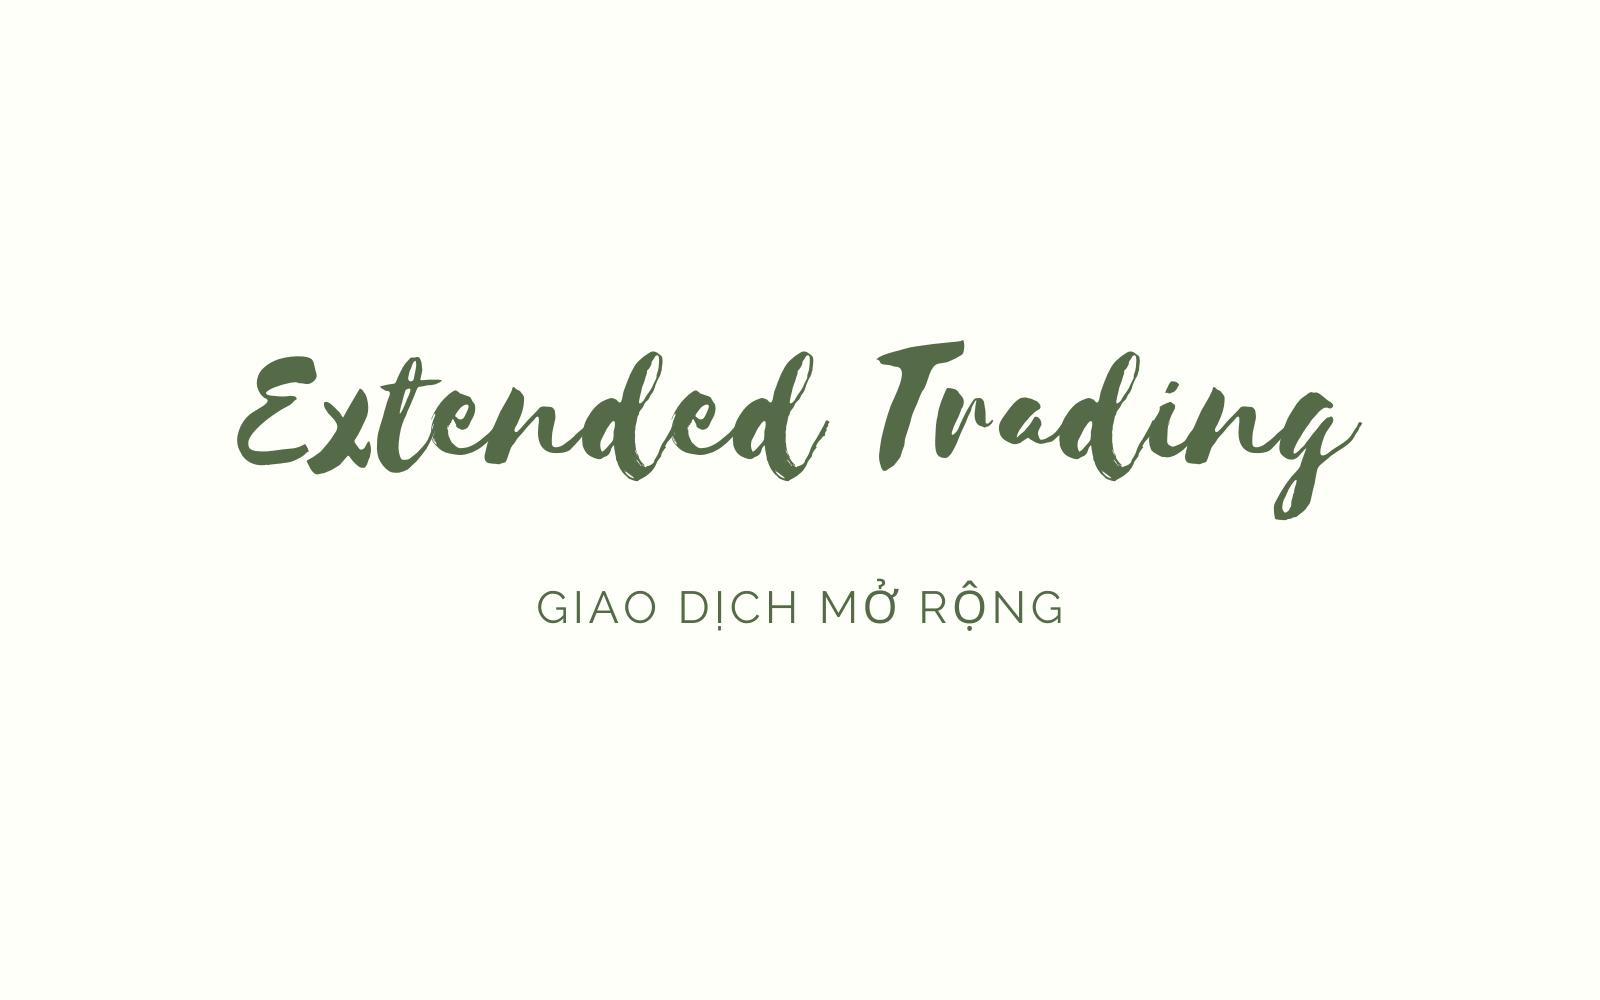 Giao dịch mở rộng (Extended Trading) là gì? Nội dung liên quan - Ảnh 1.